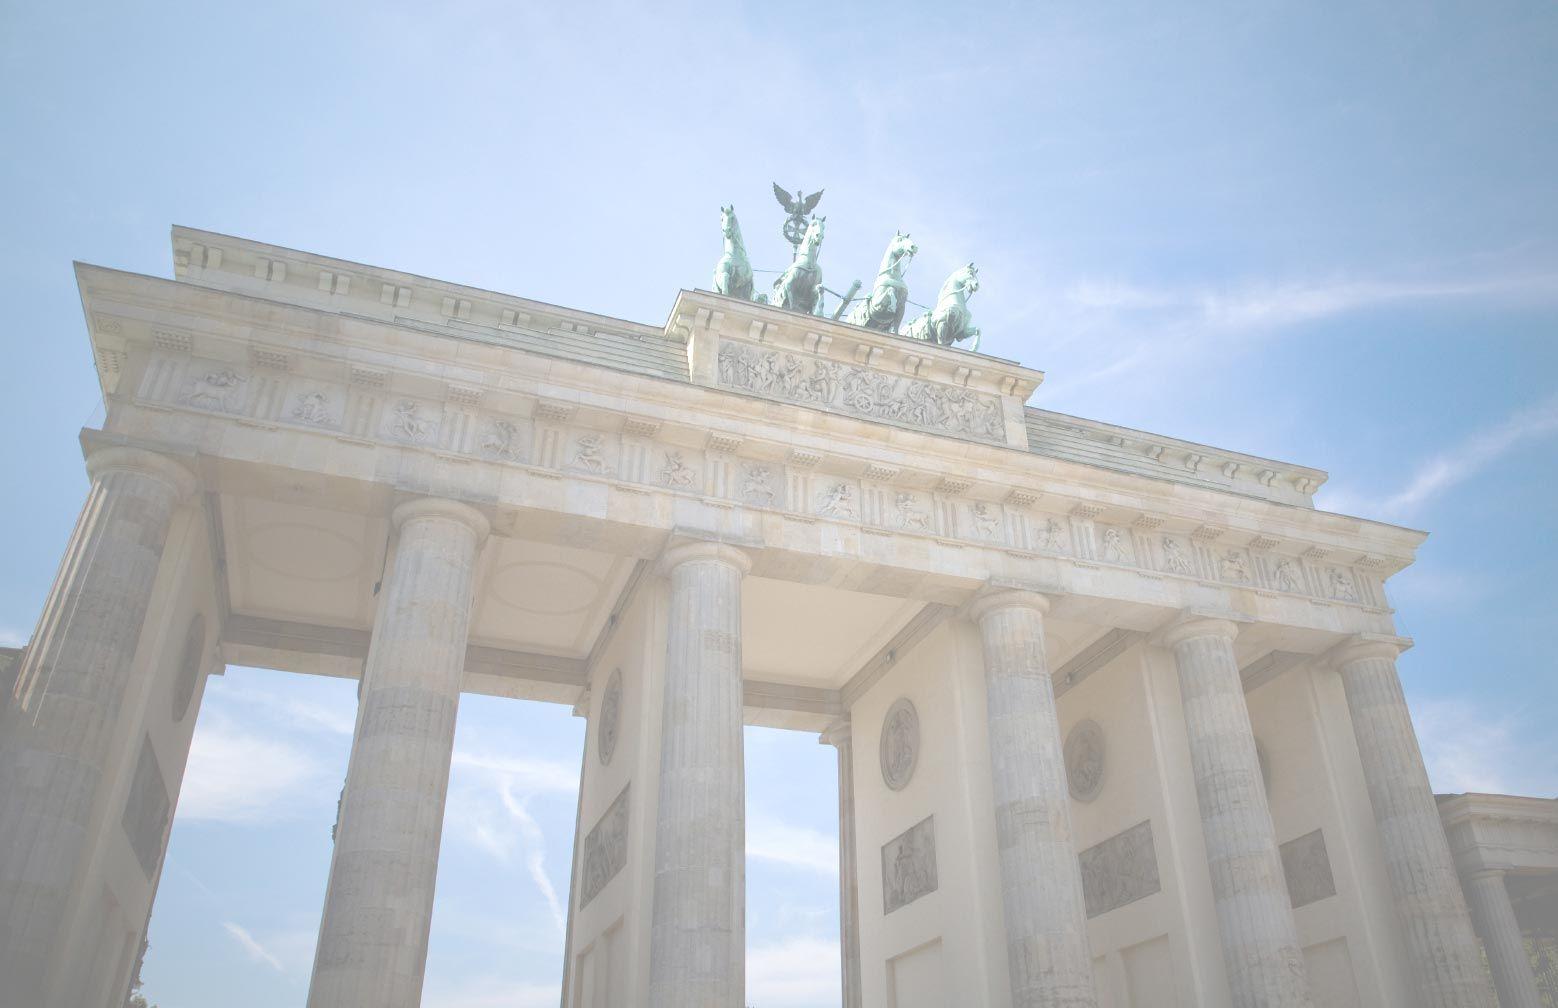 Scc Events Berlin Marathon City Marathon Running Events